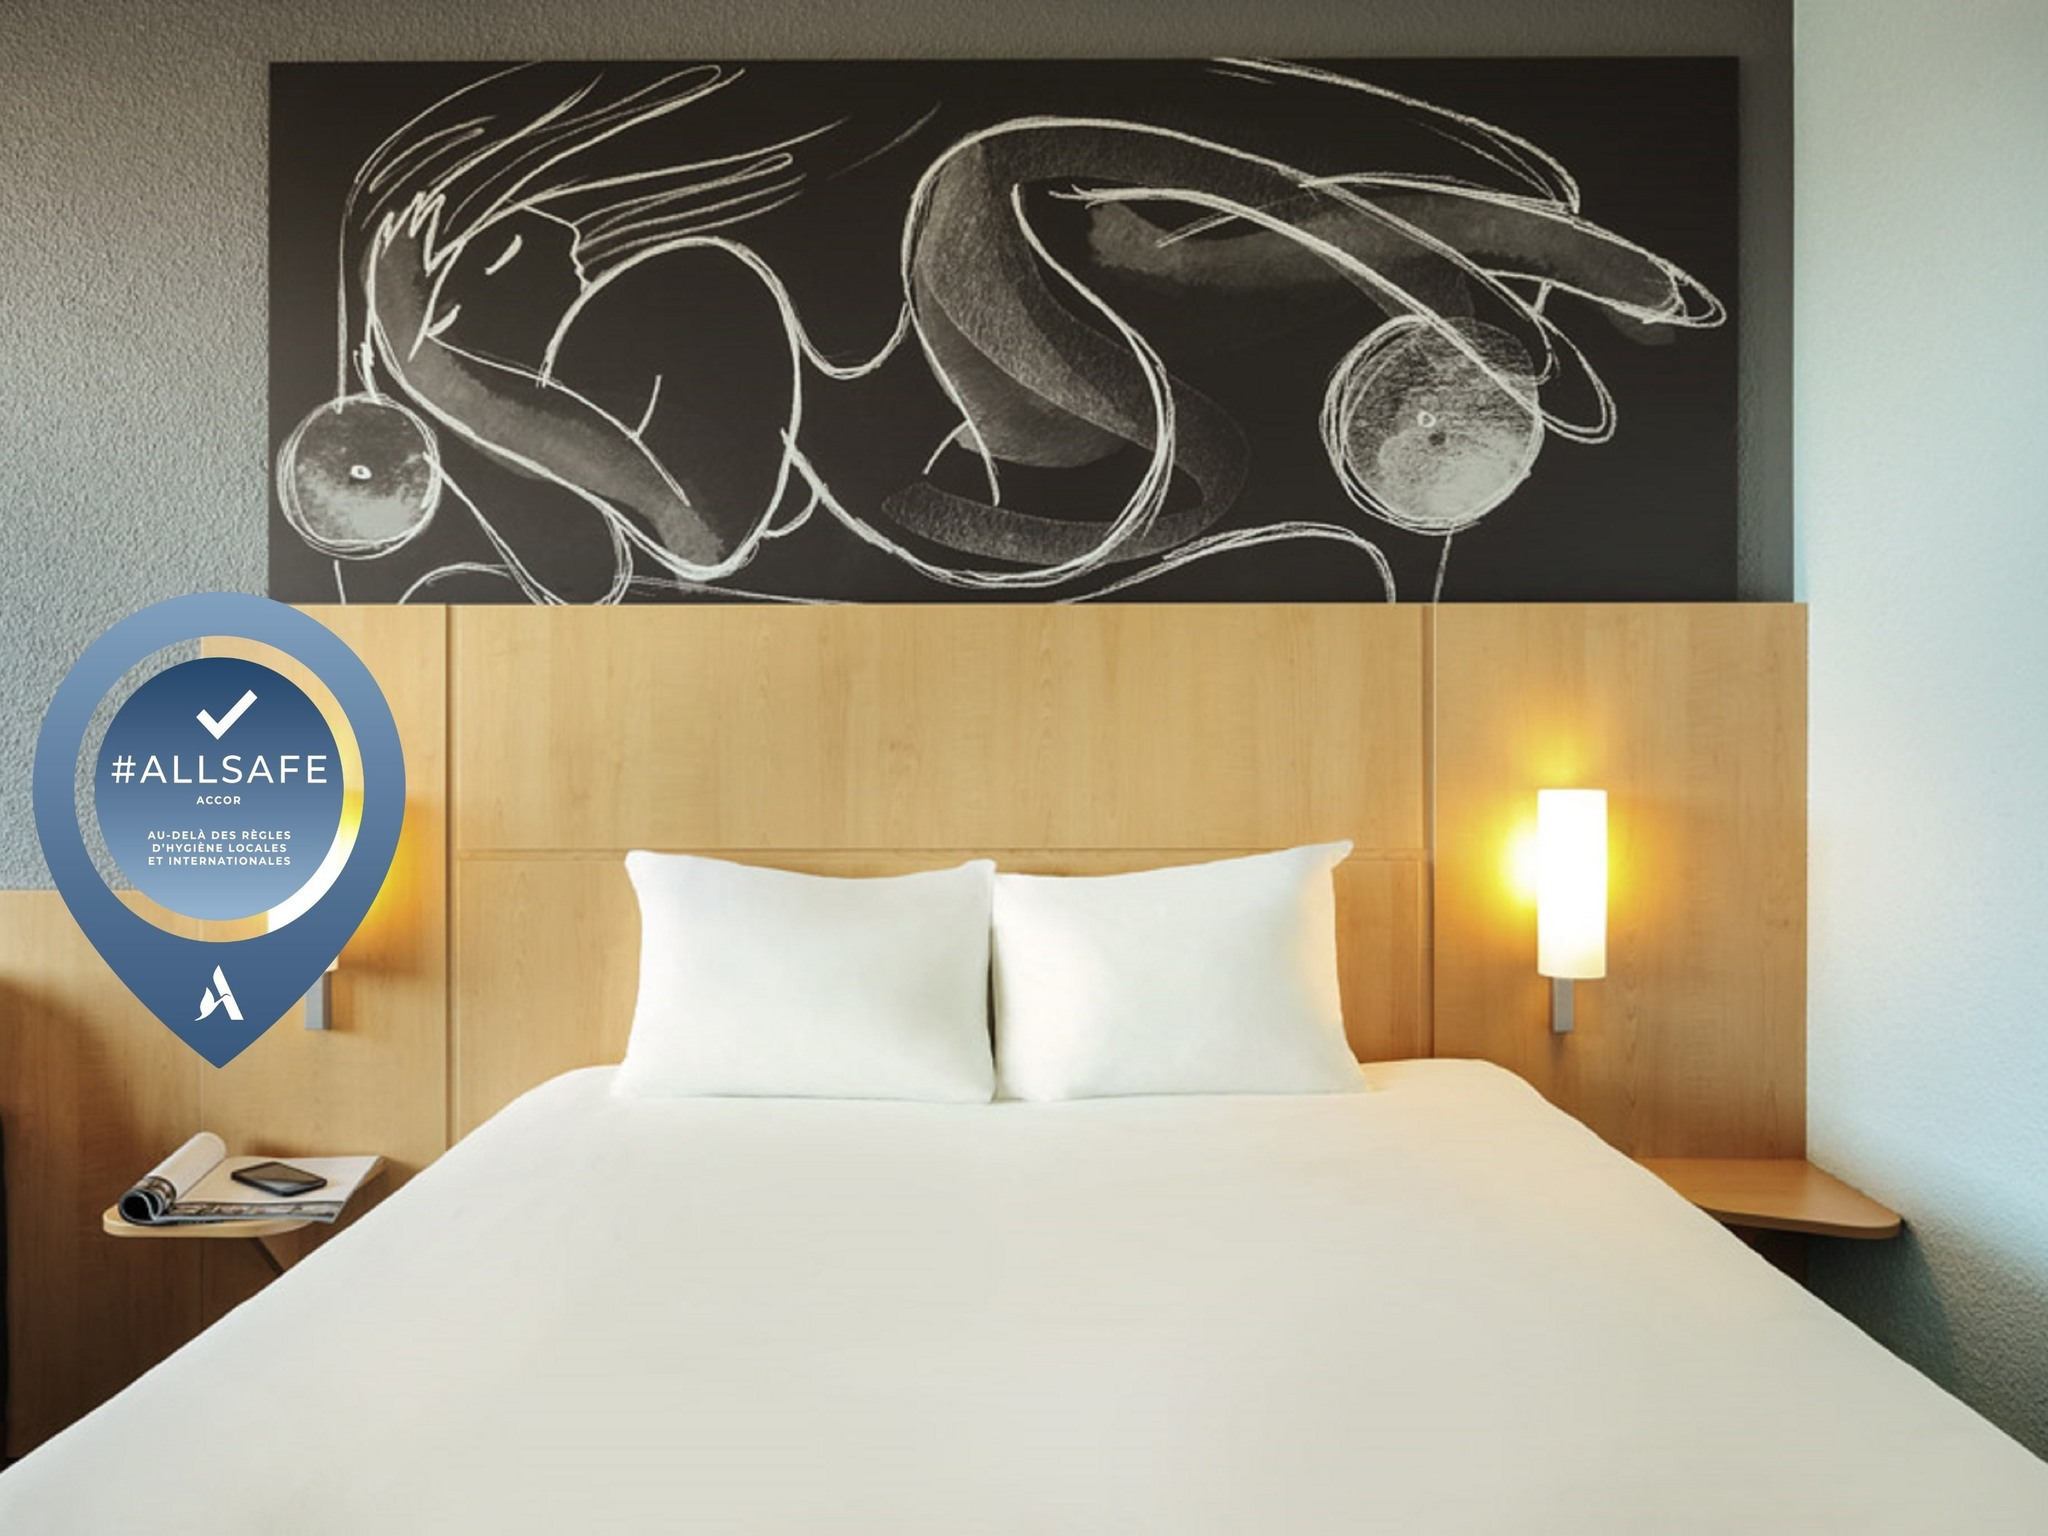 ホテル – イビスストラスブールサントルプティフランス